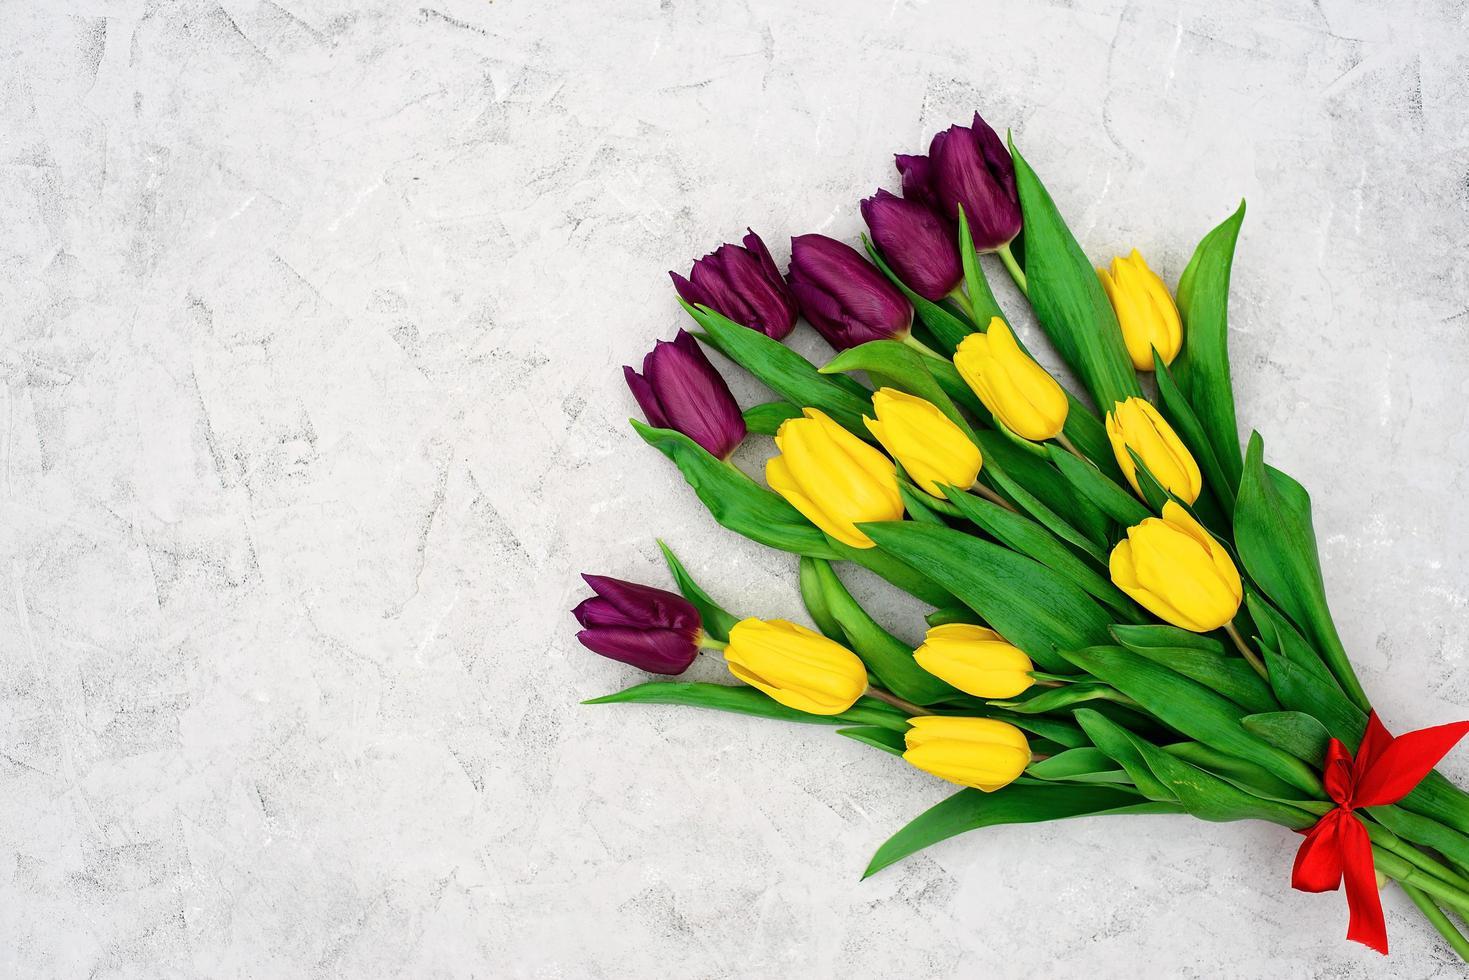 ramo de flores de tulipán de primavera amarillo y púrpura sobre un fondo de piedra clara. endecha plana. copie el espacio. día de la Madre. día Internacional de la Mujer. foto